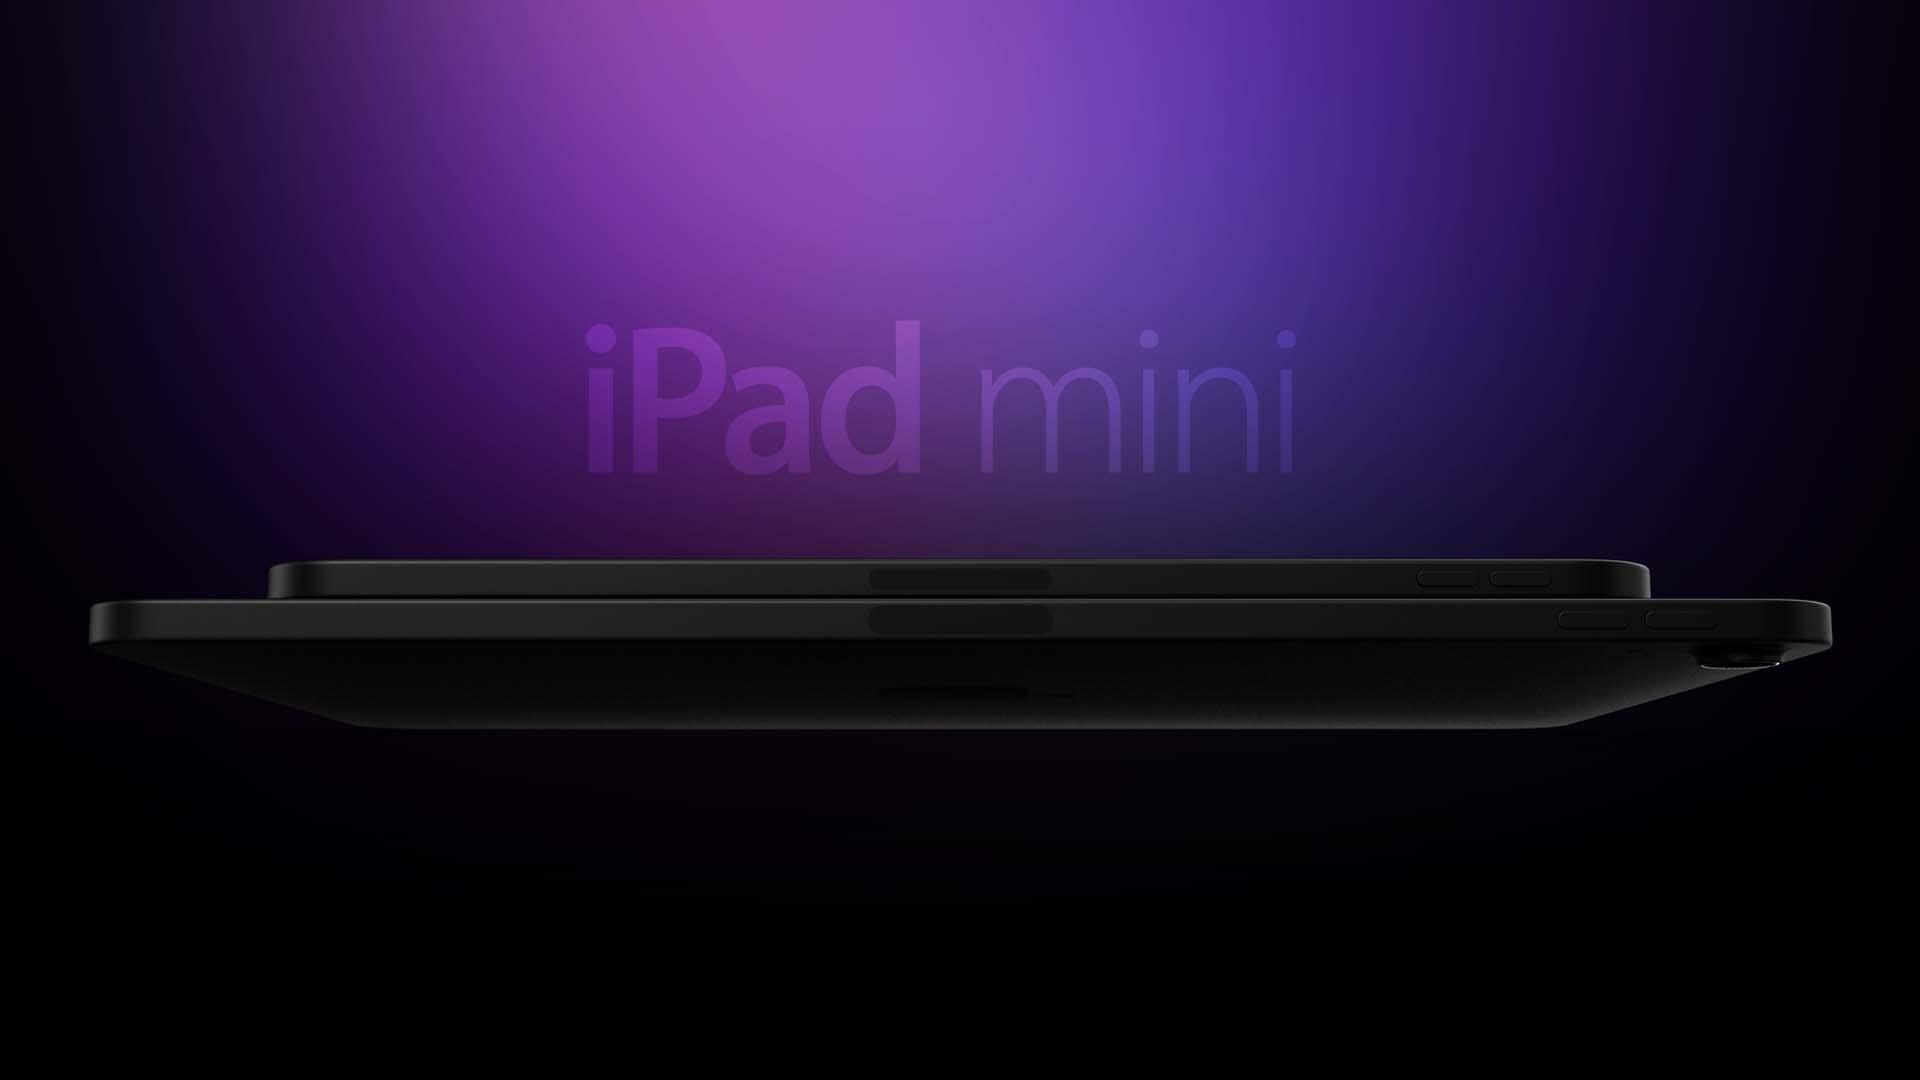 Apple sap ra mat iPad mini 2021 anh 7